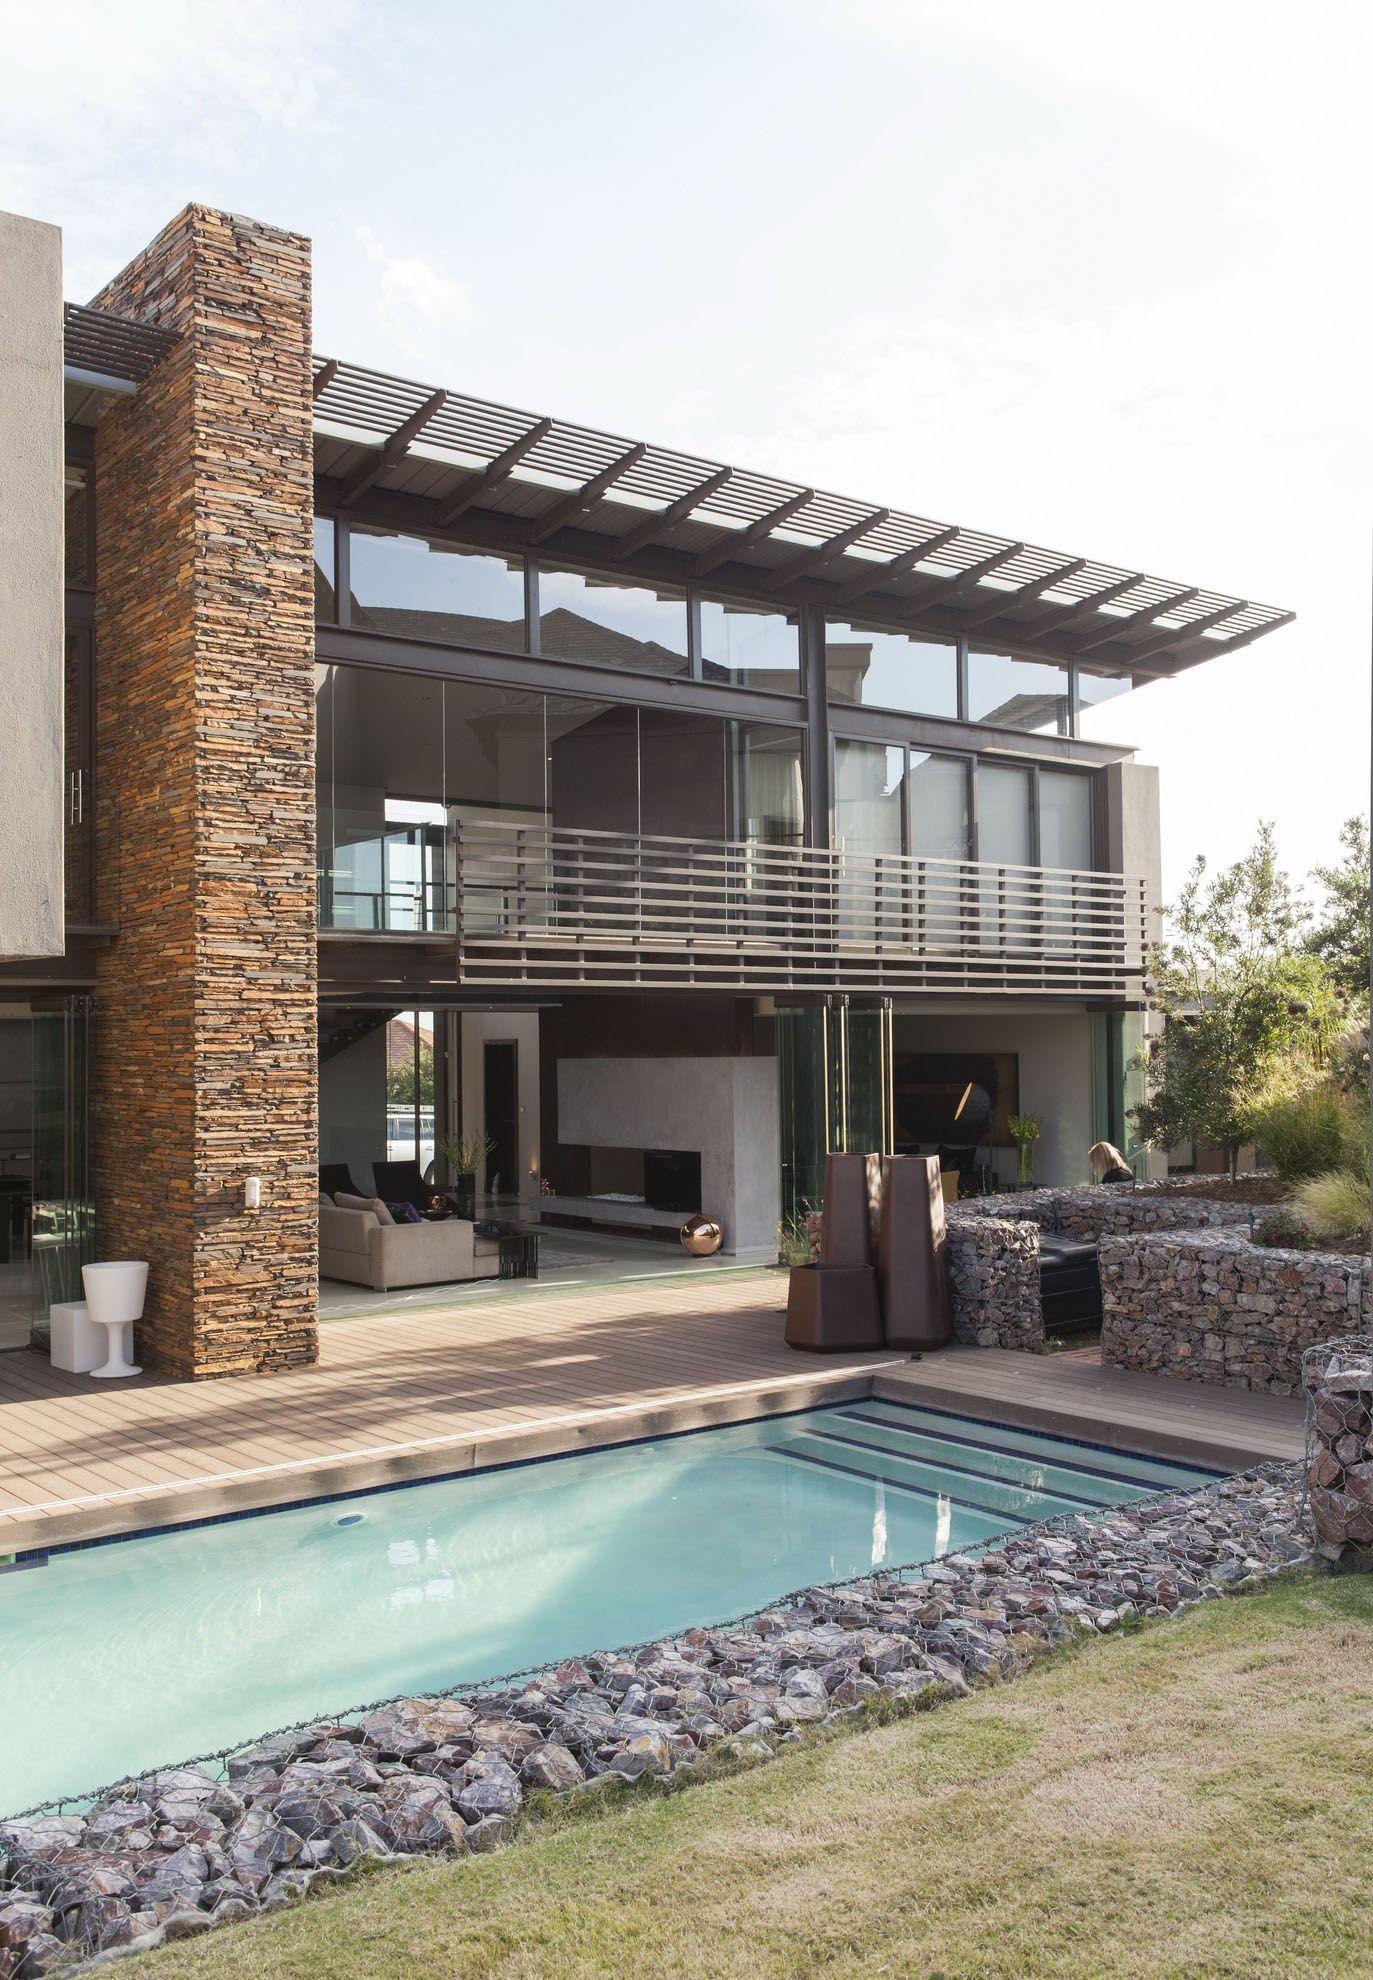 maison pinterest traumh user hausbau und architektur. Black Bedroom Furniture Sets. Home Design Ideas